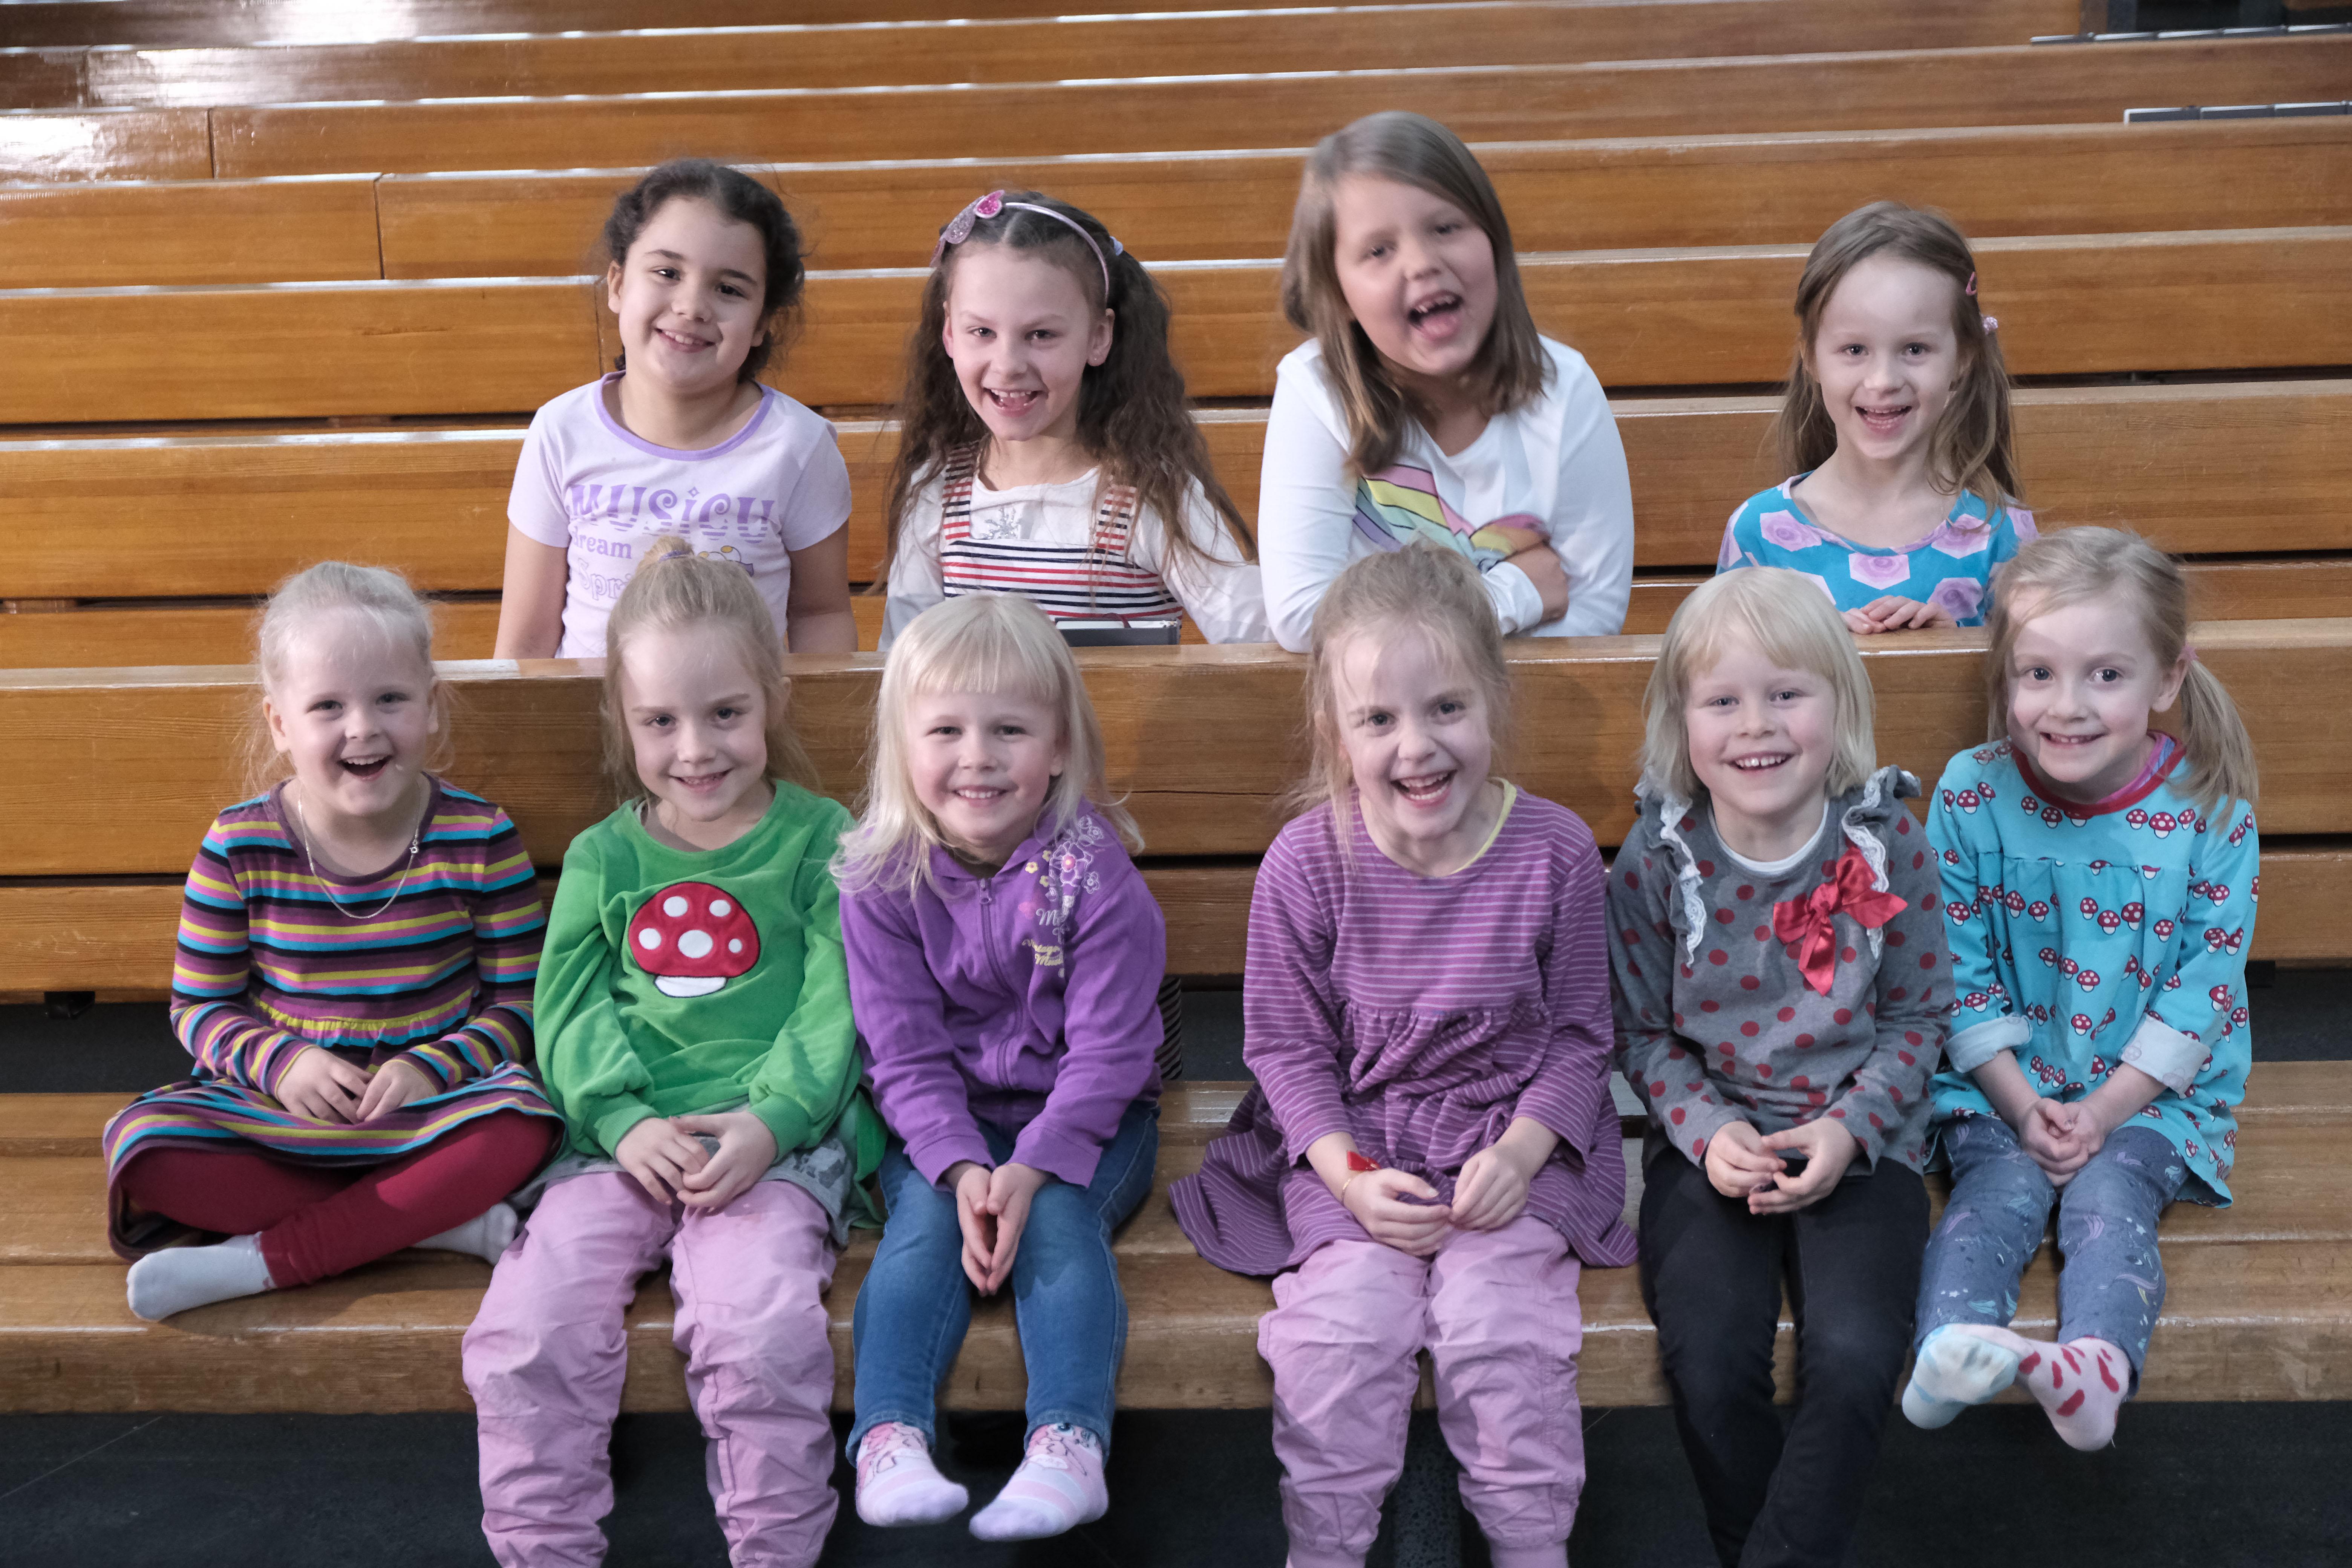 Lapsikuoron ryhmäkuva kirkossa